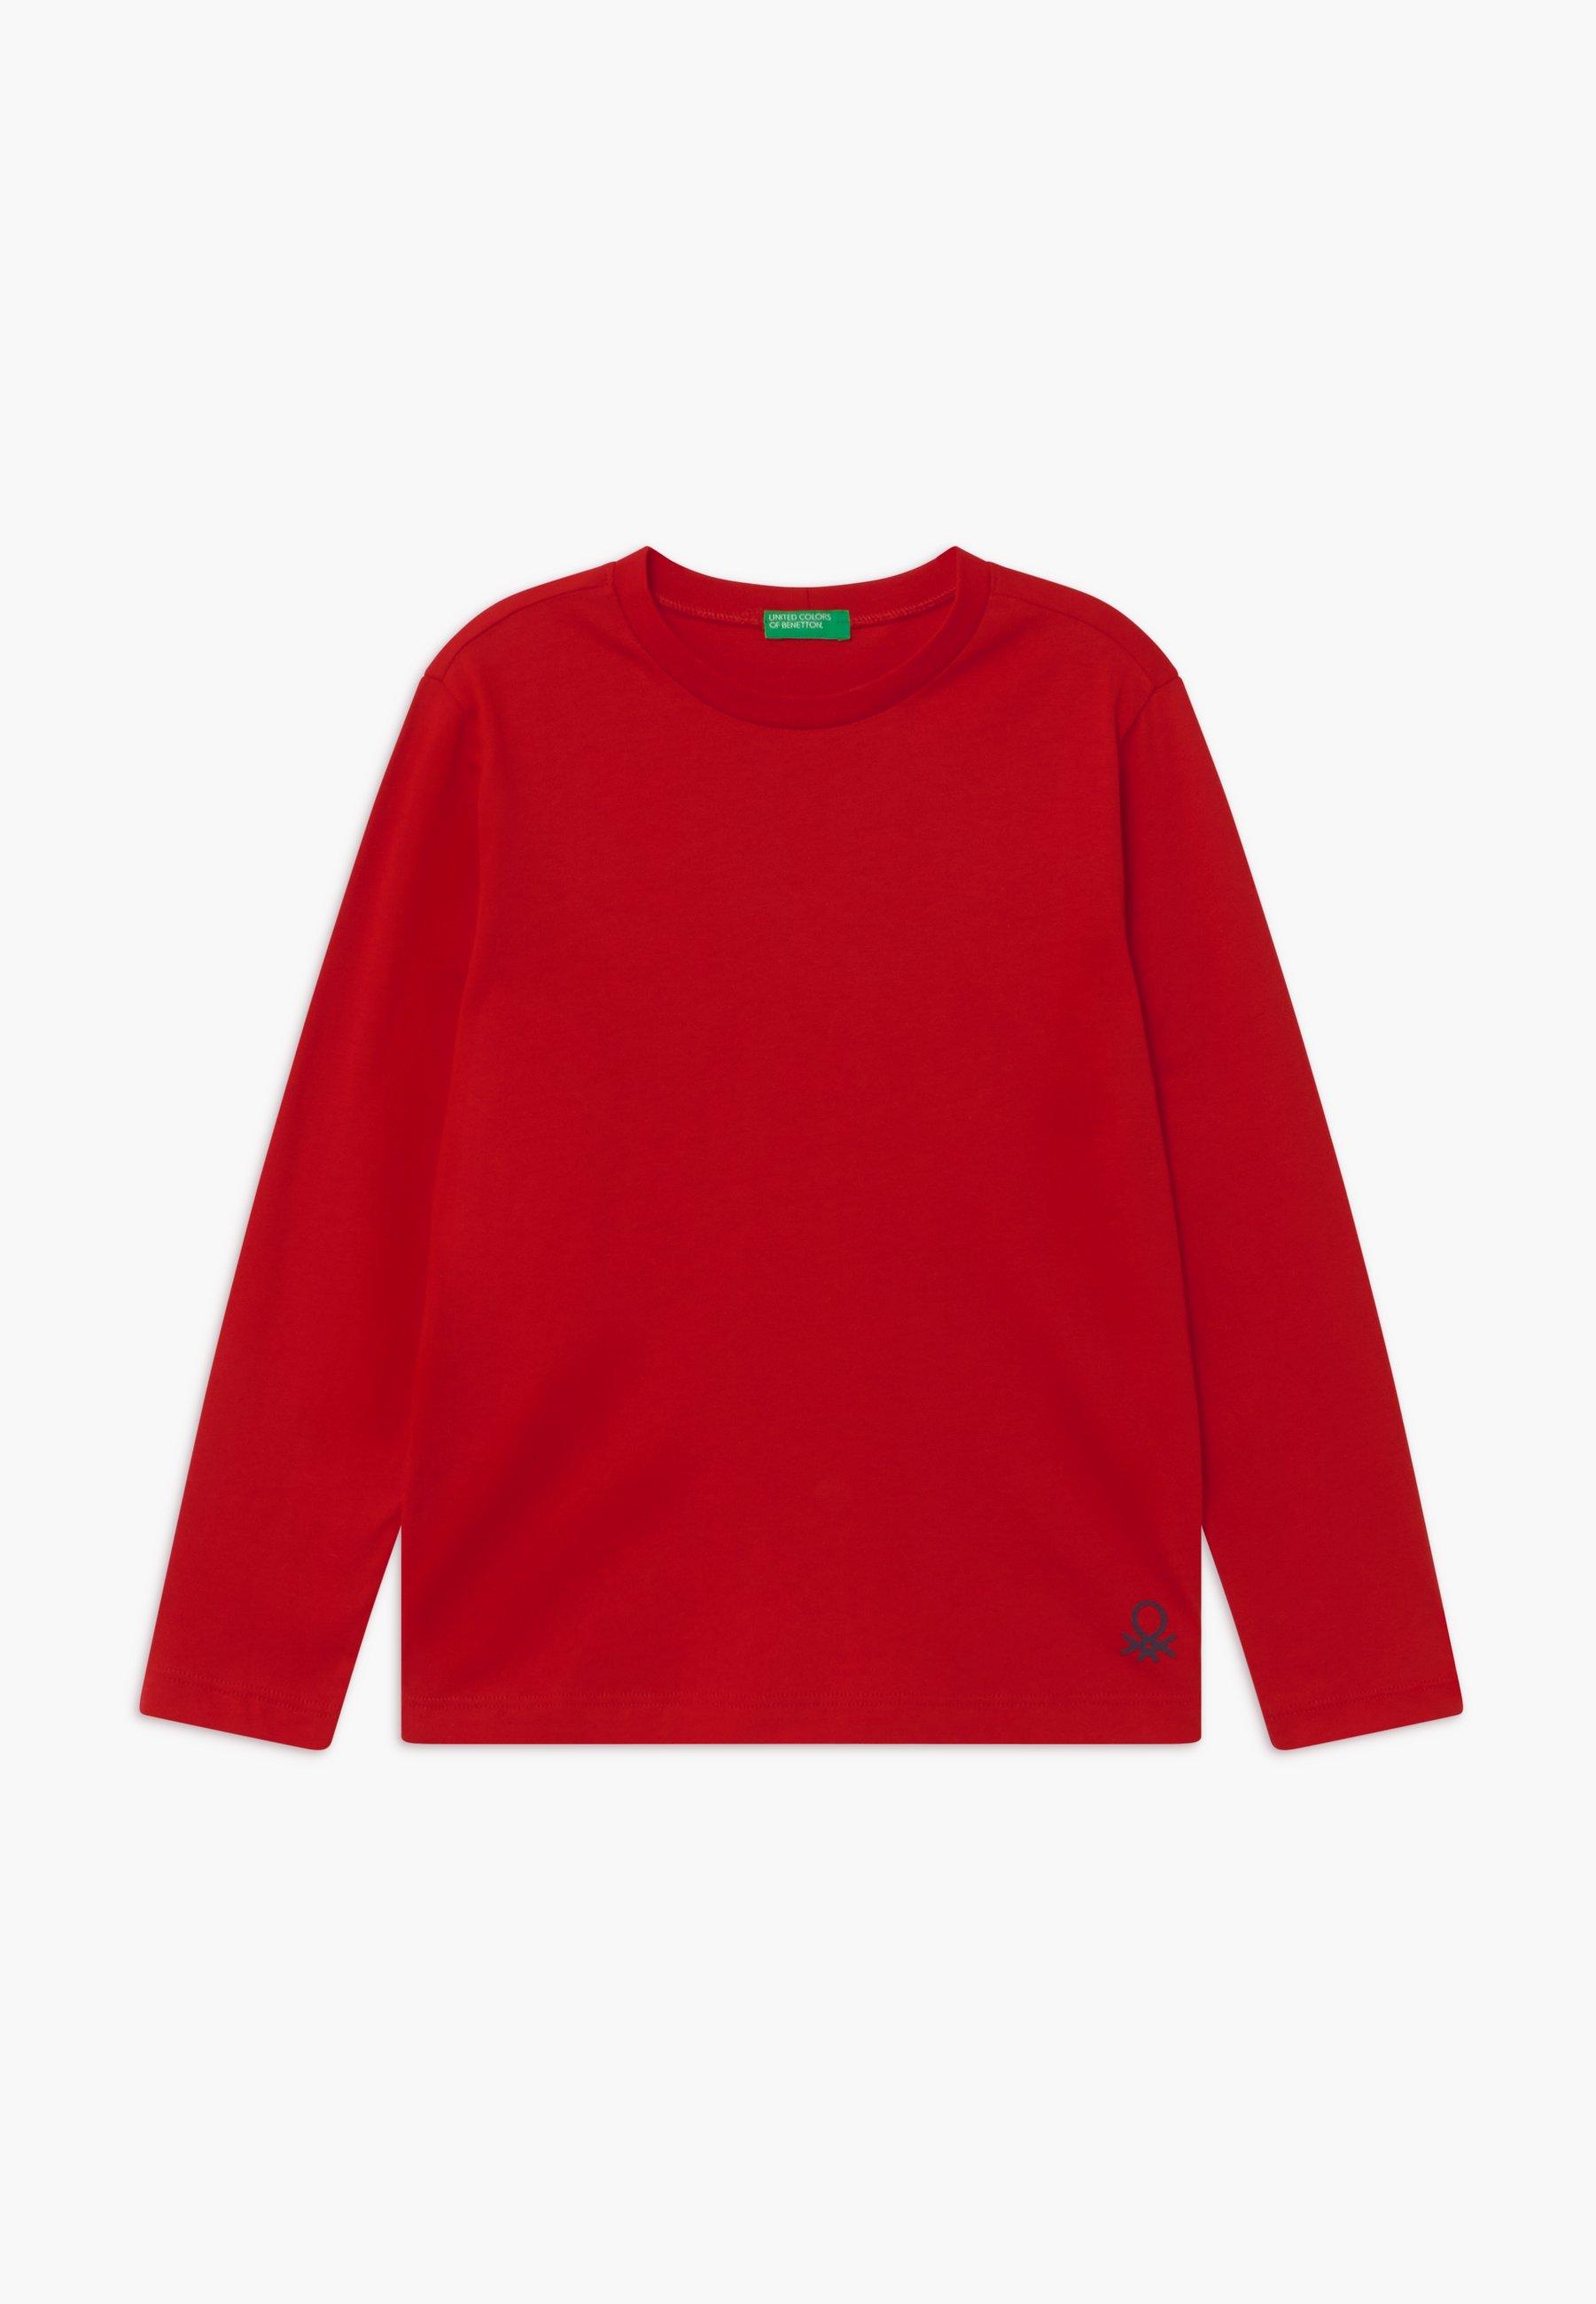 Shirt M//L Top /à Manches Longues B/éb/é gar/çon UNITED COLORS OF BENETTON T